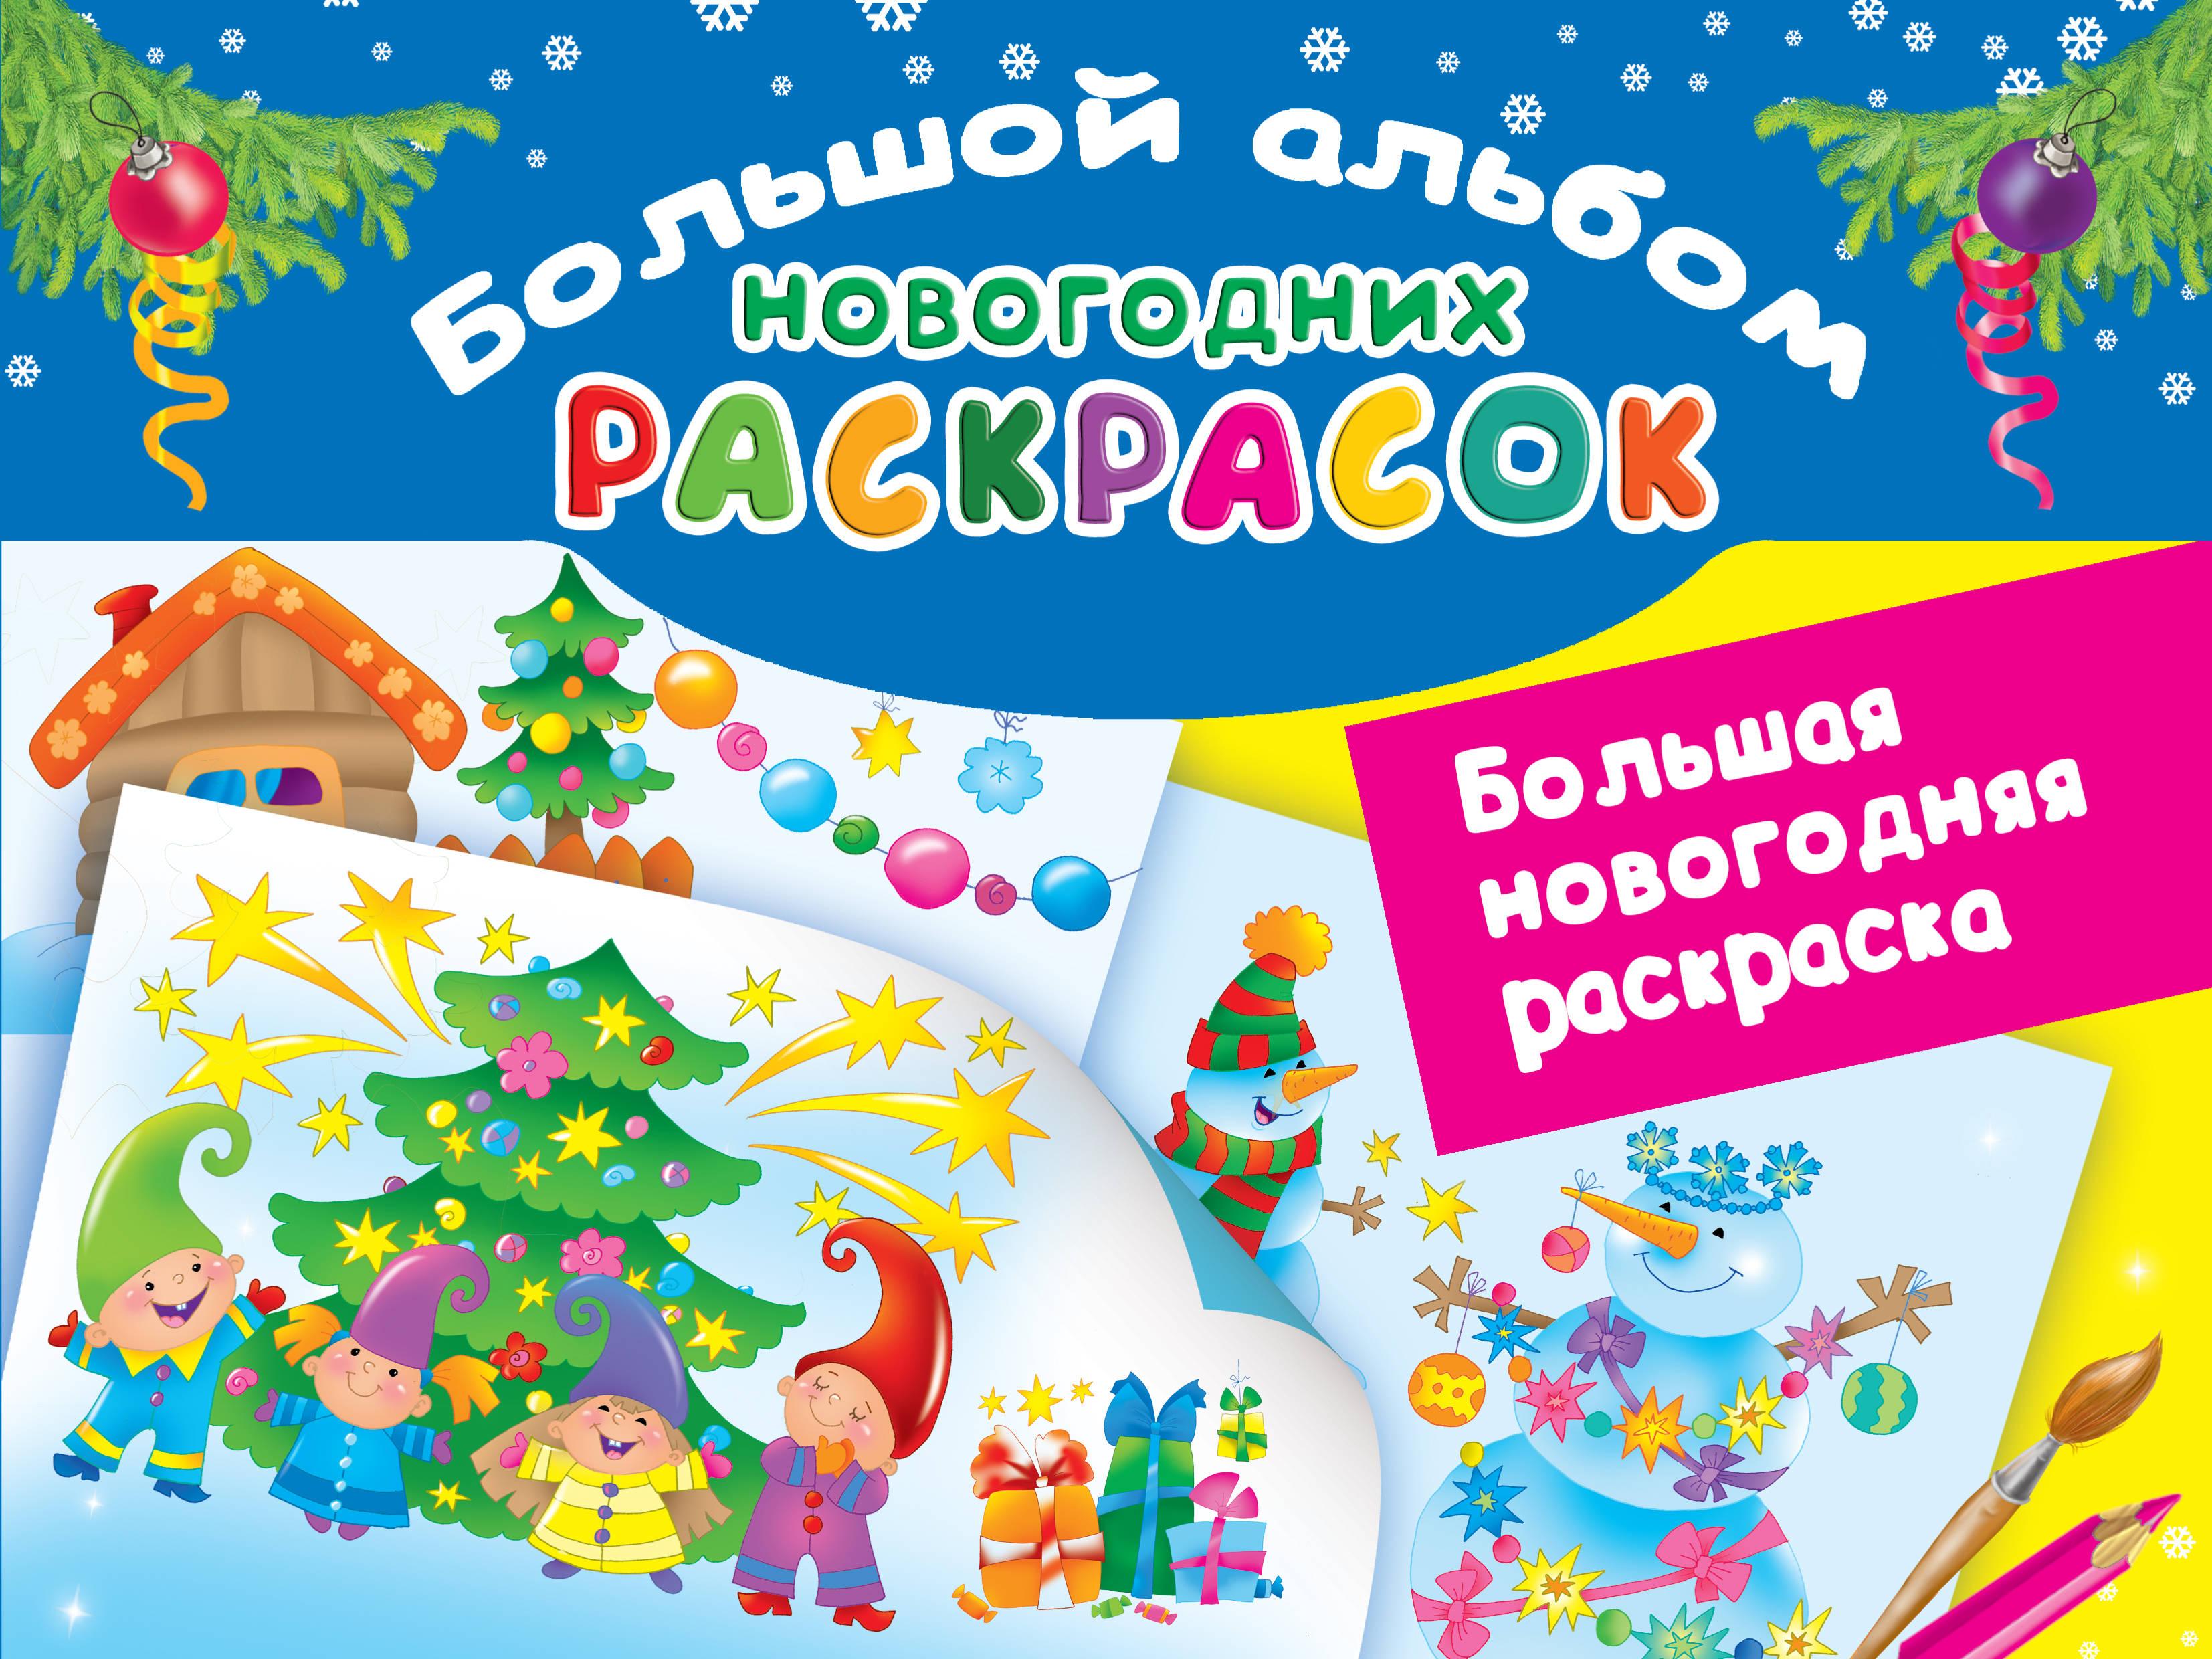 цена на Двинина Людмила Владимировна Большая новогодняя раскраска